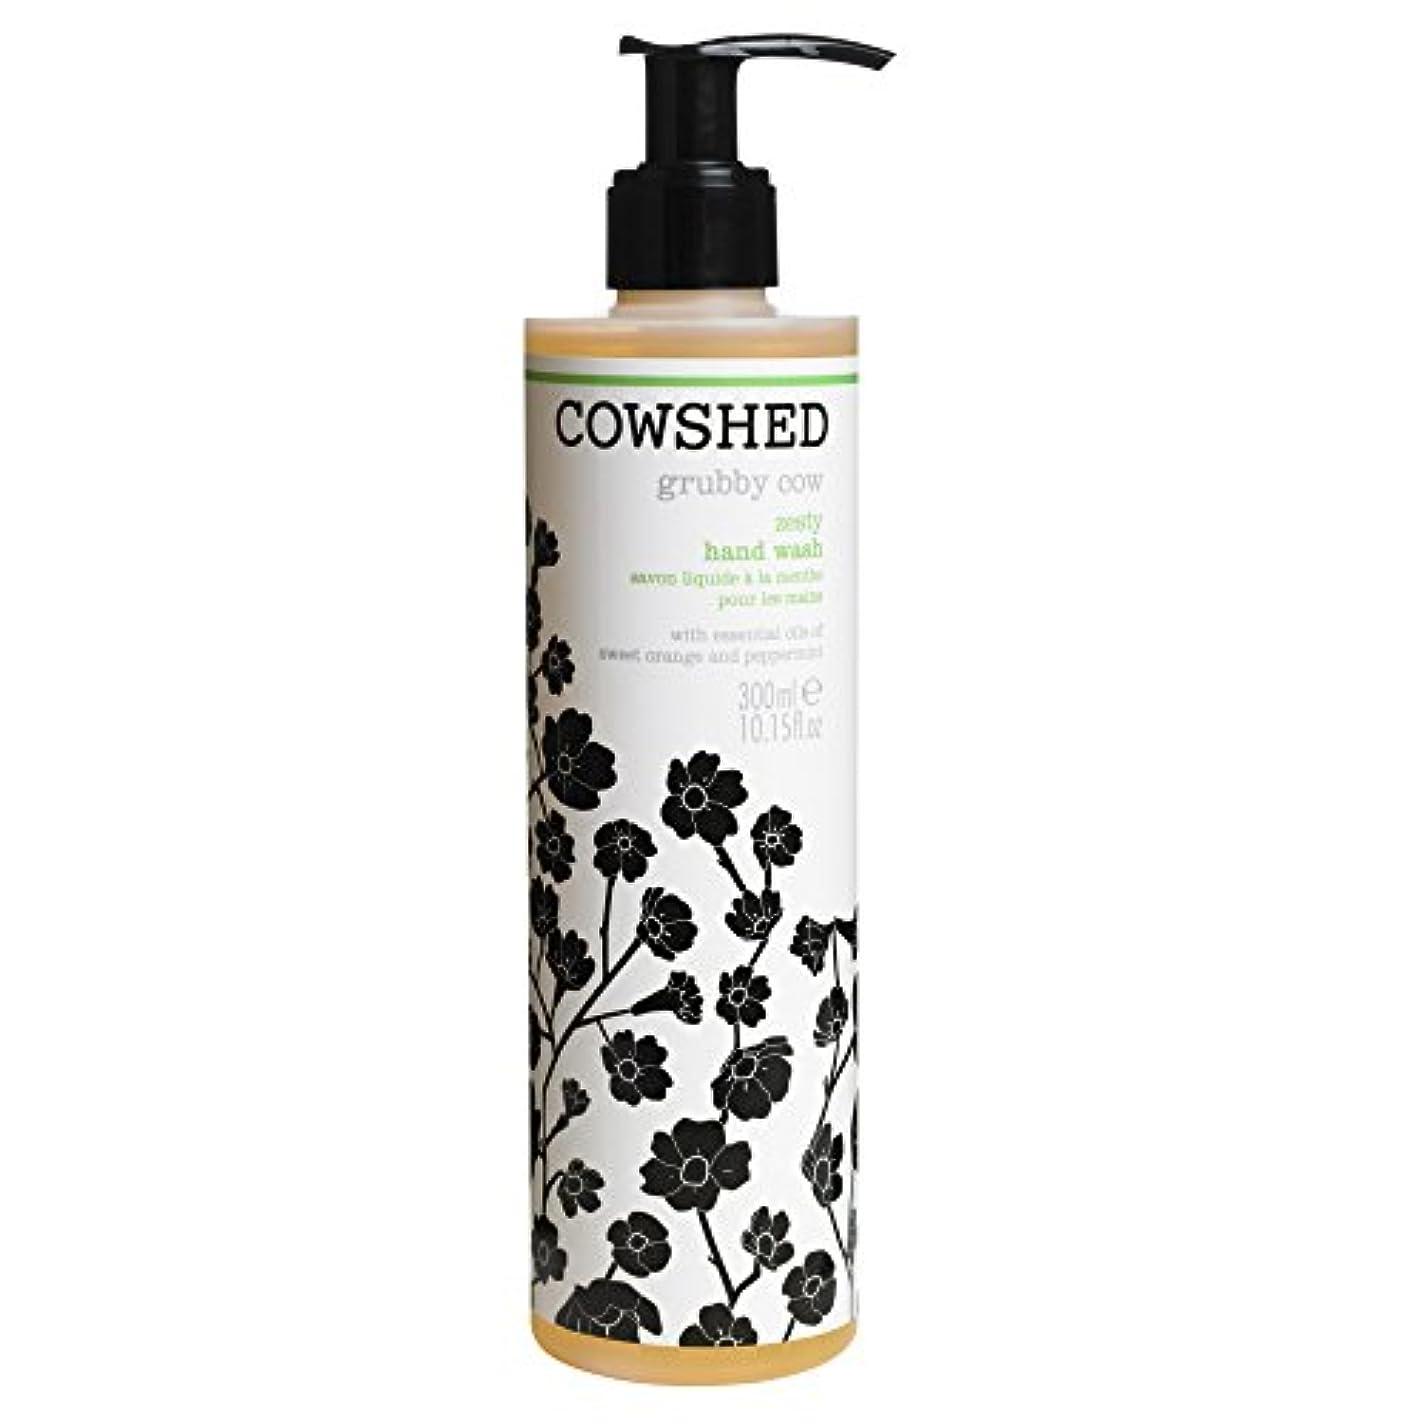 最後の葉適応的牛舎汚い牛ピリッハンドウォッシュ300ミリリットル (Cowshed) (x2) - Cowshed Grubby Cow Zesty Hand Wash 300ml (Pack of 2) [並行輸入品]